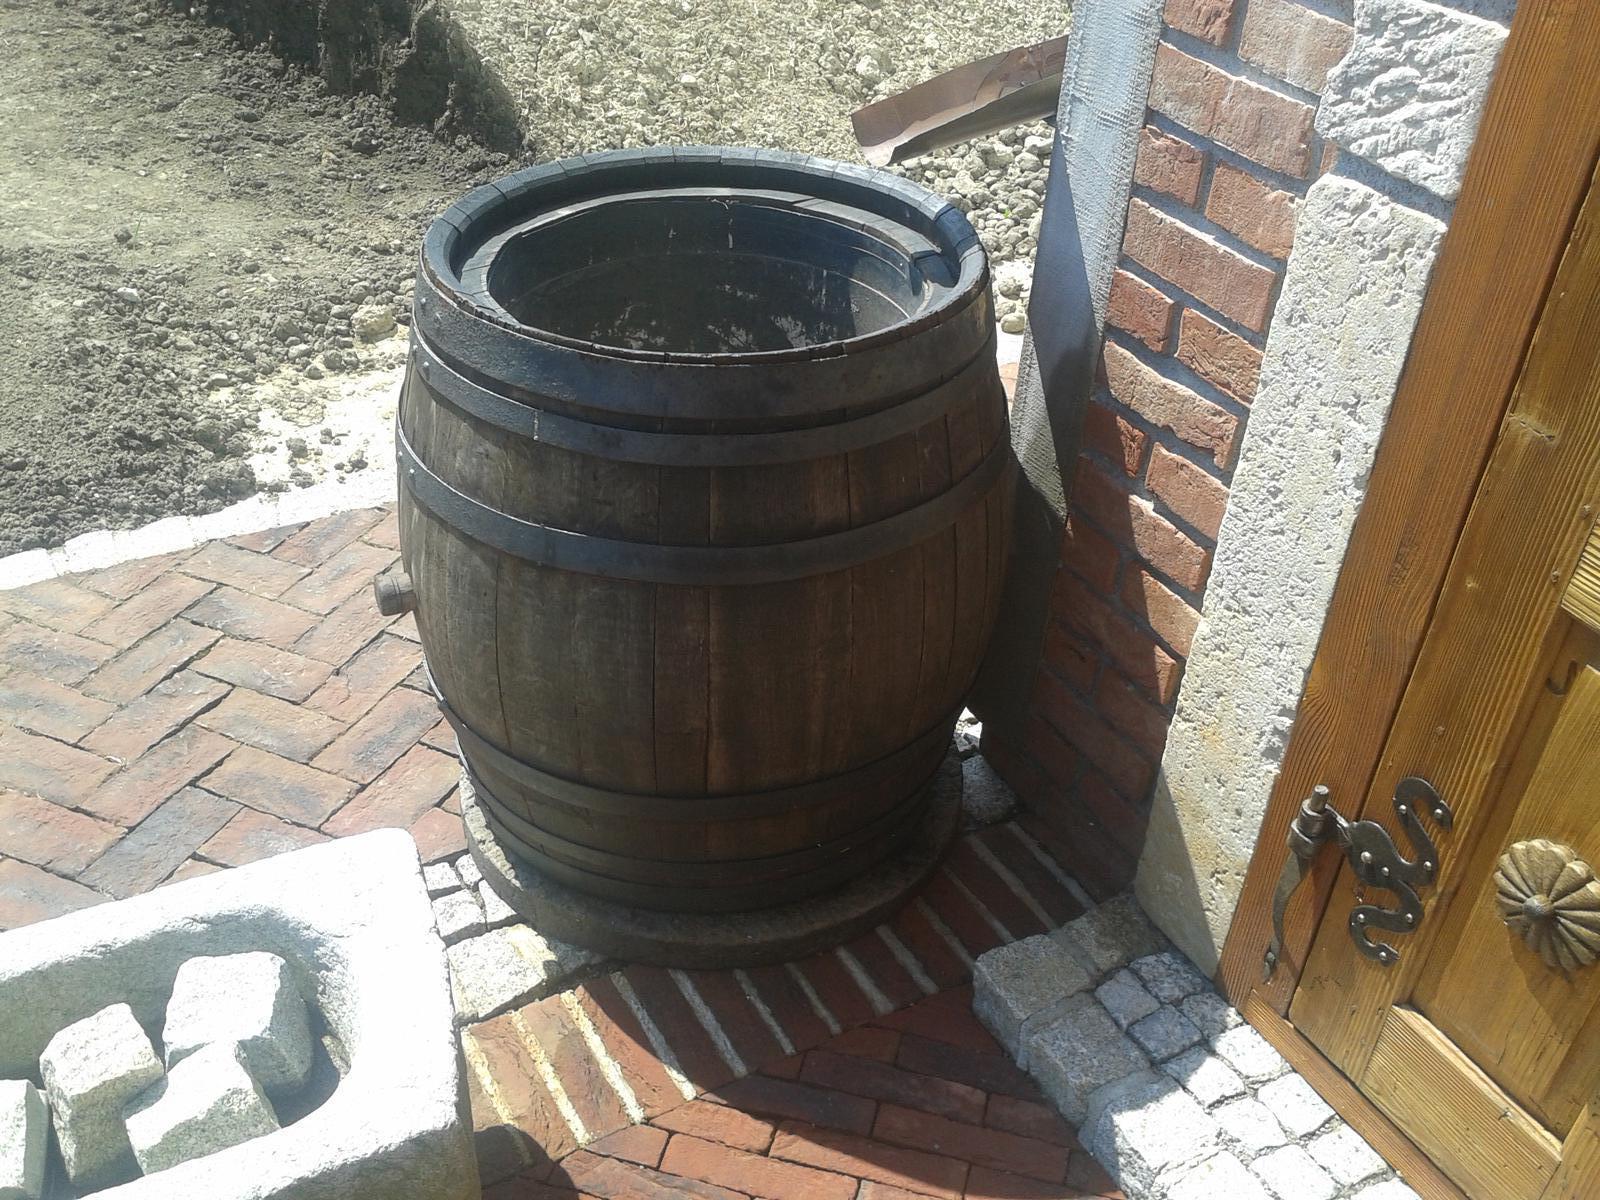 Exterier zahrada - V tom súdku bolo vínko...teraz dažďová voda...